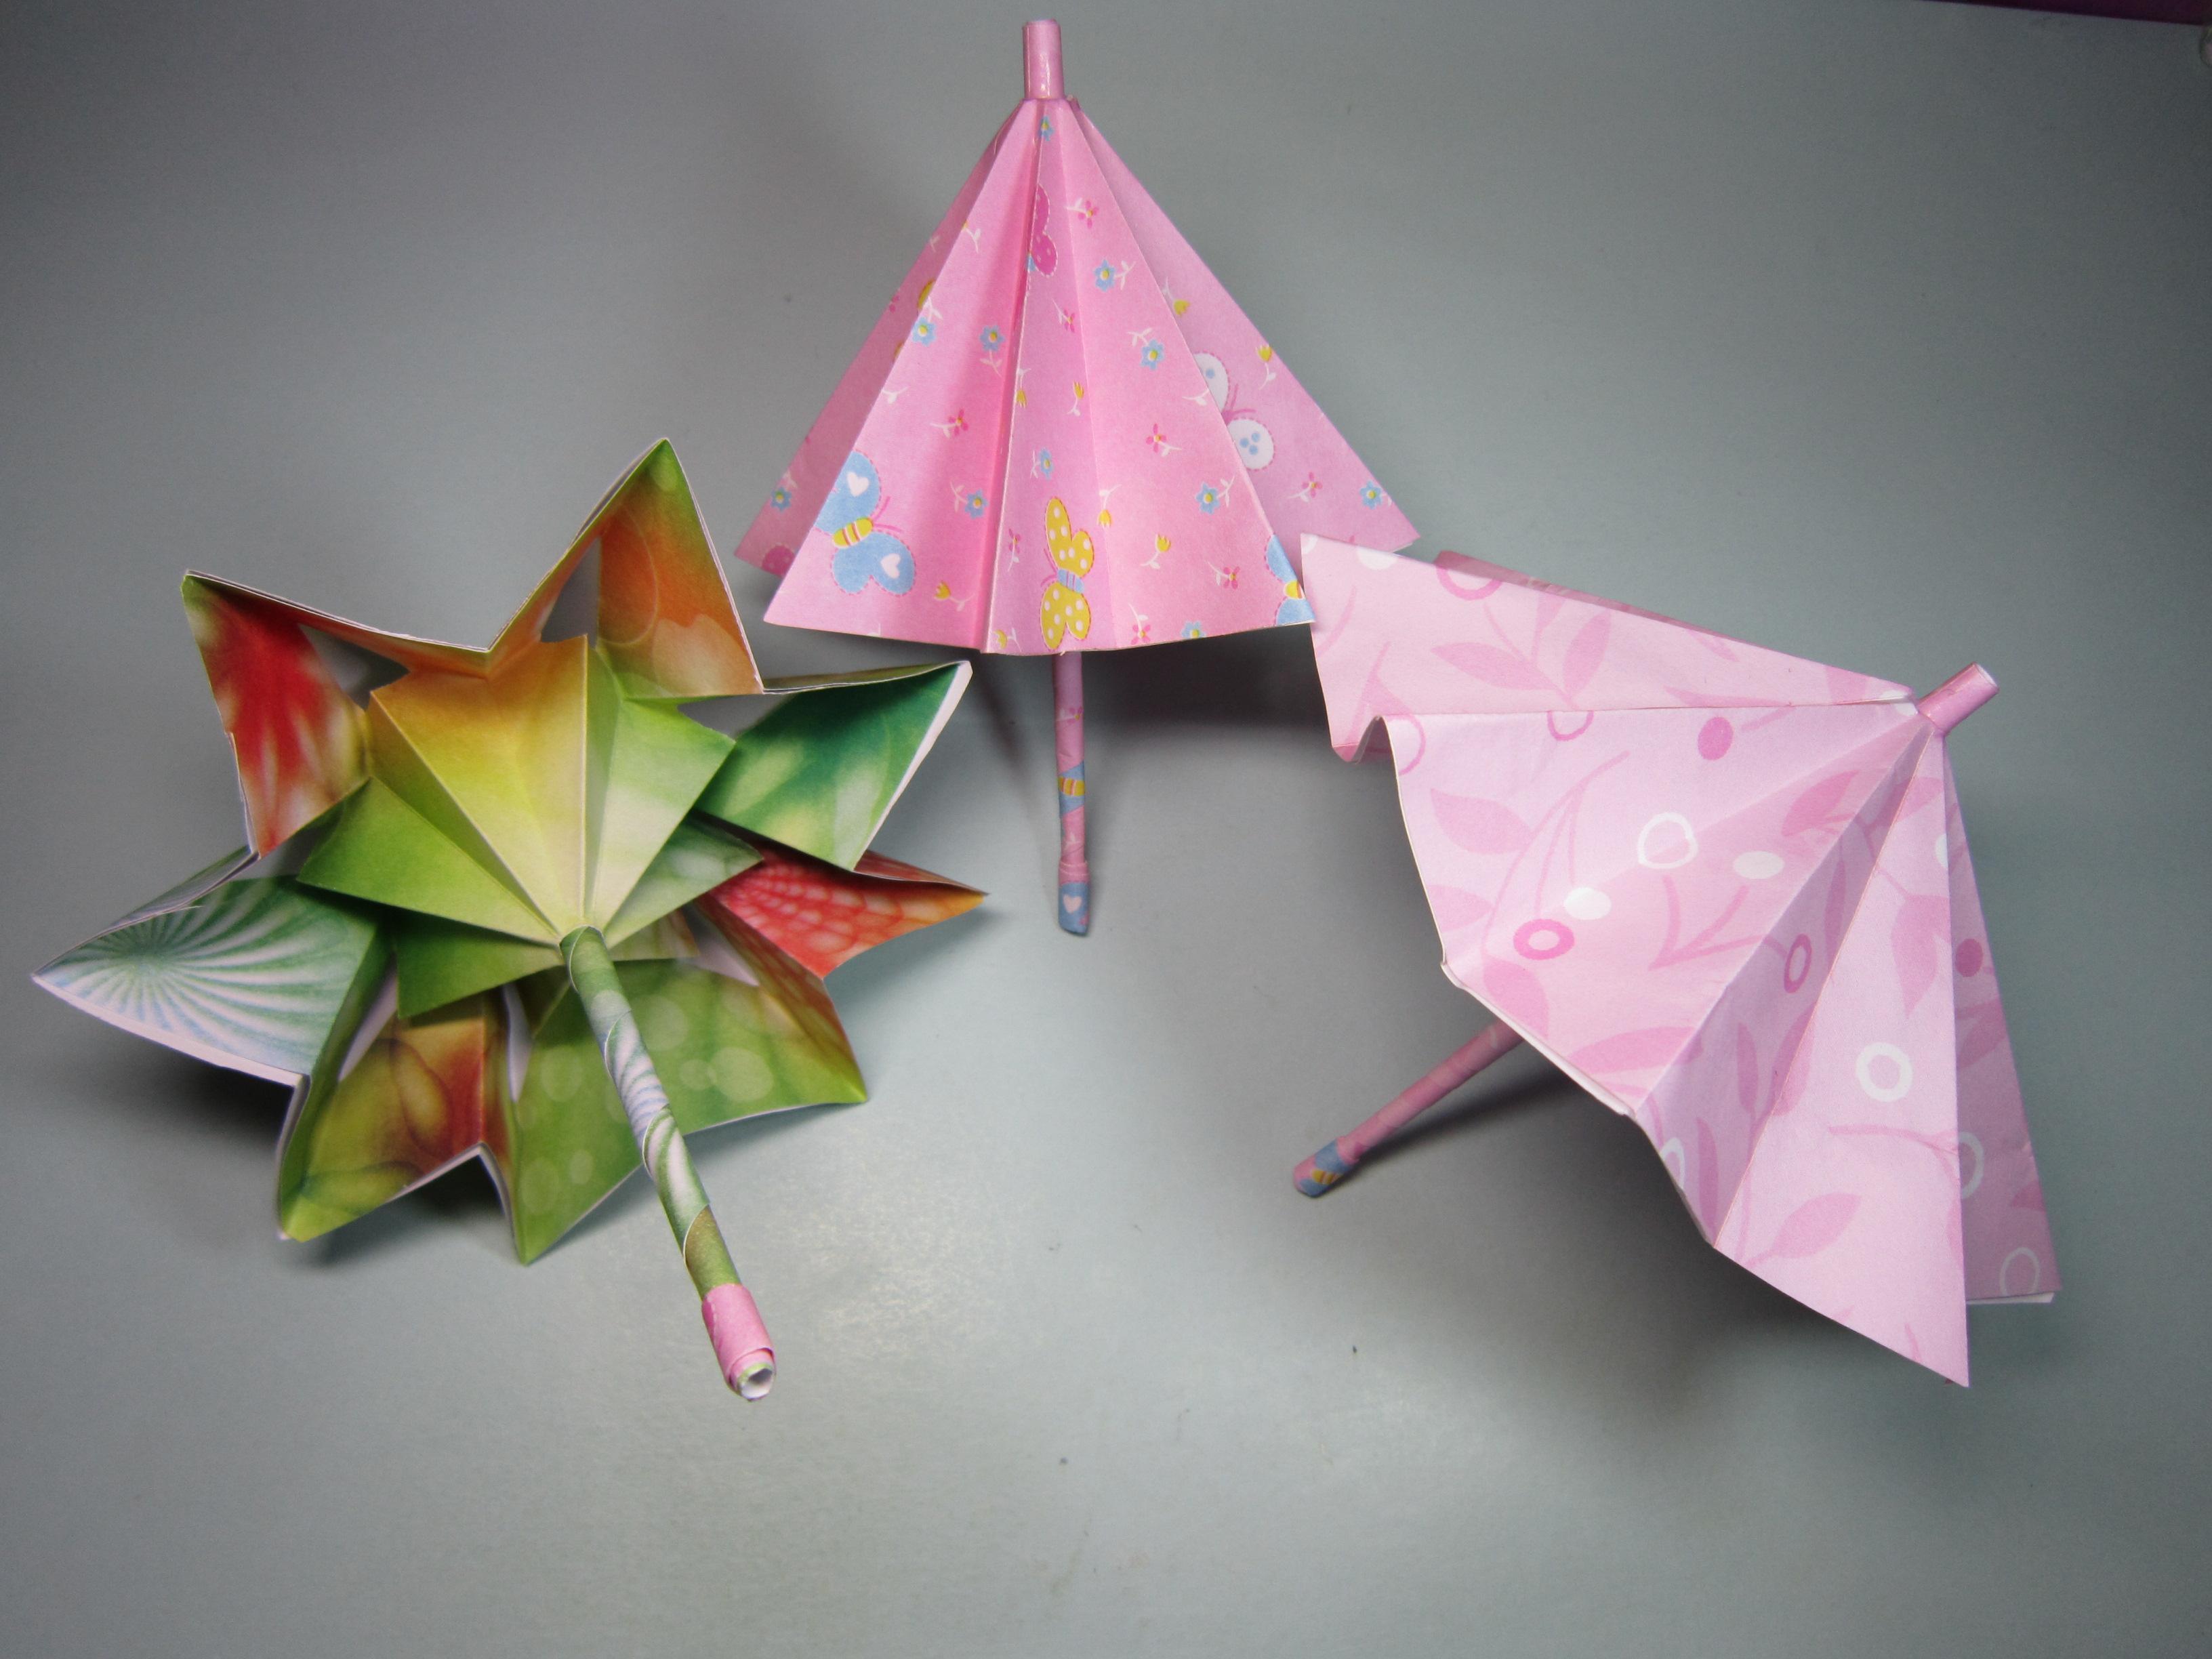 可收缩的雨伞折纸原来这么简单,几分钟就能学会,小雨伞的折法